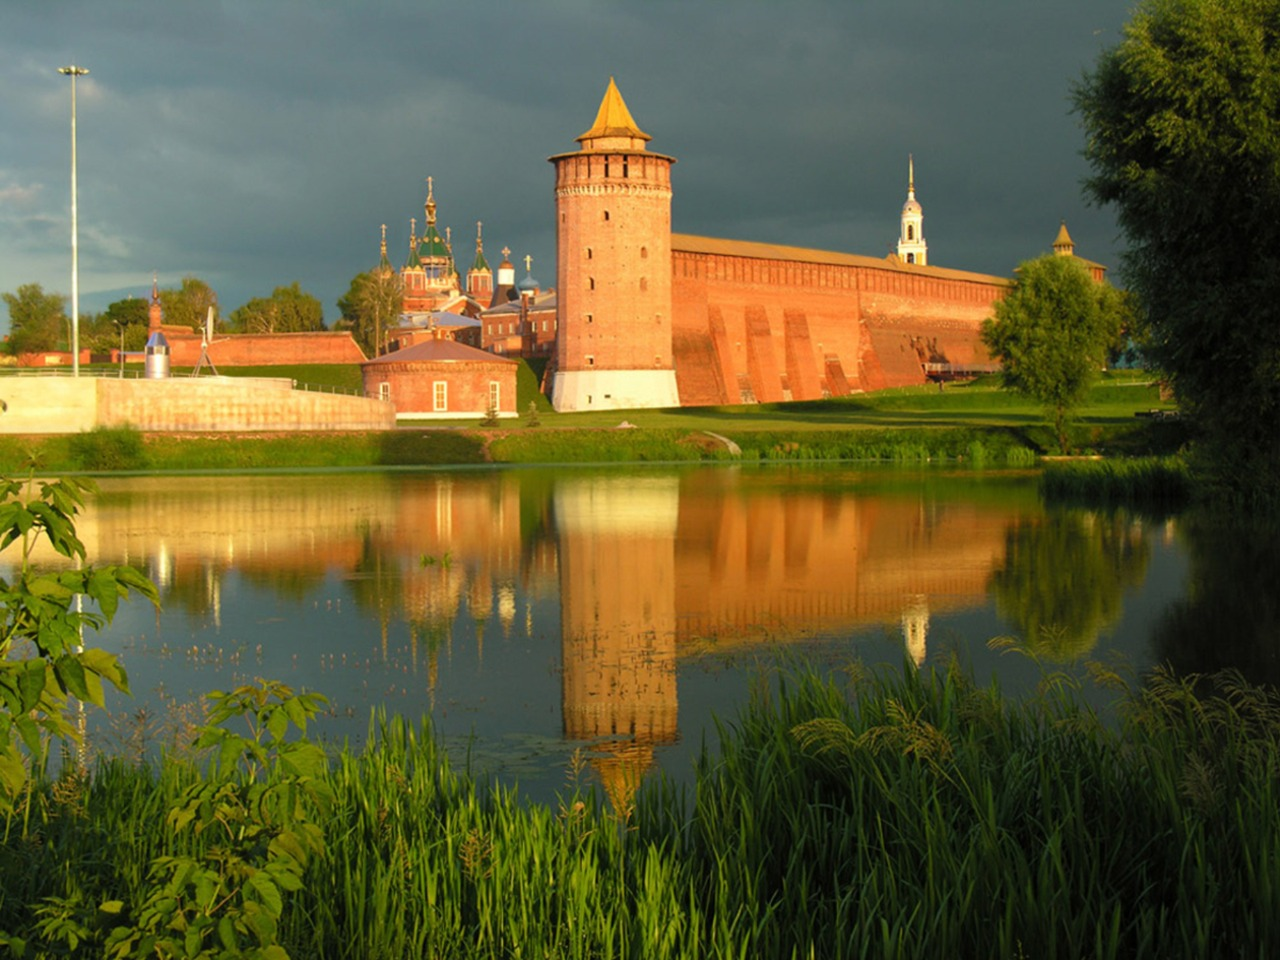 Коломенский Кремль + обзорная экскурсия по Коломне - индивидуальная экскурсия в Коломне от опытного гида